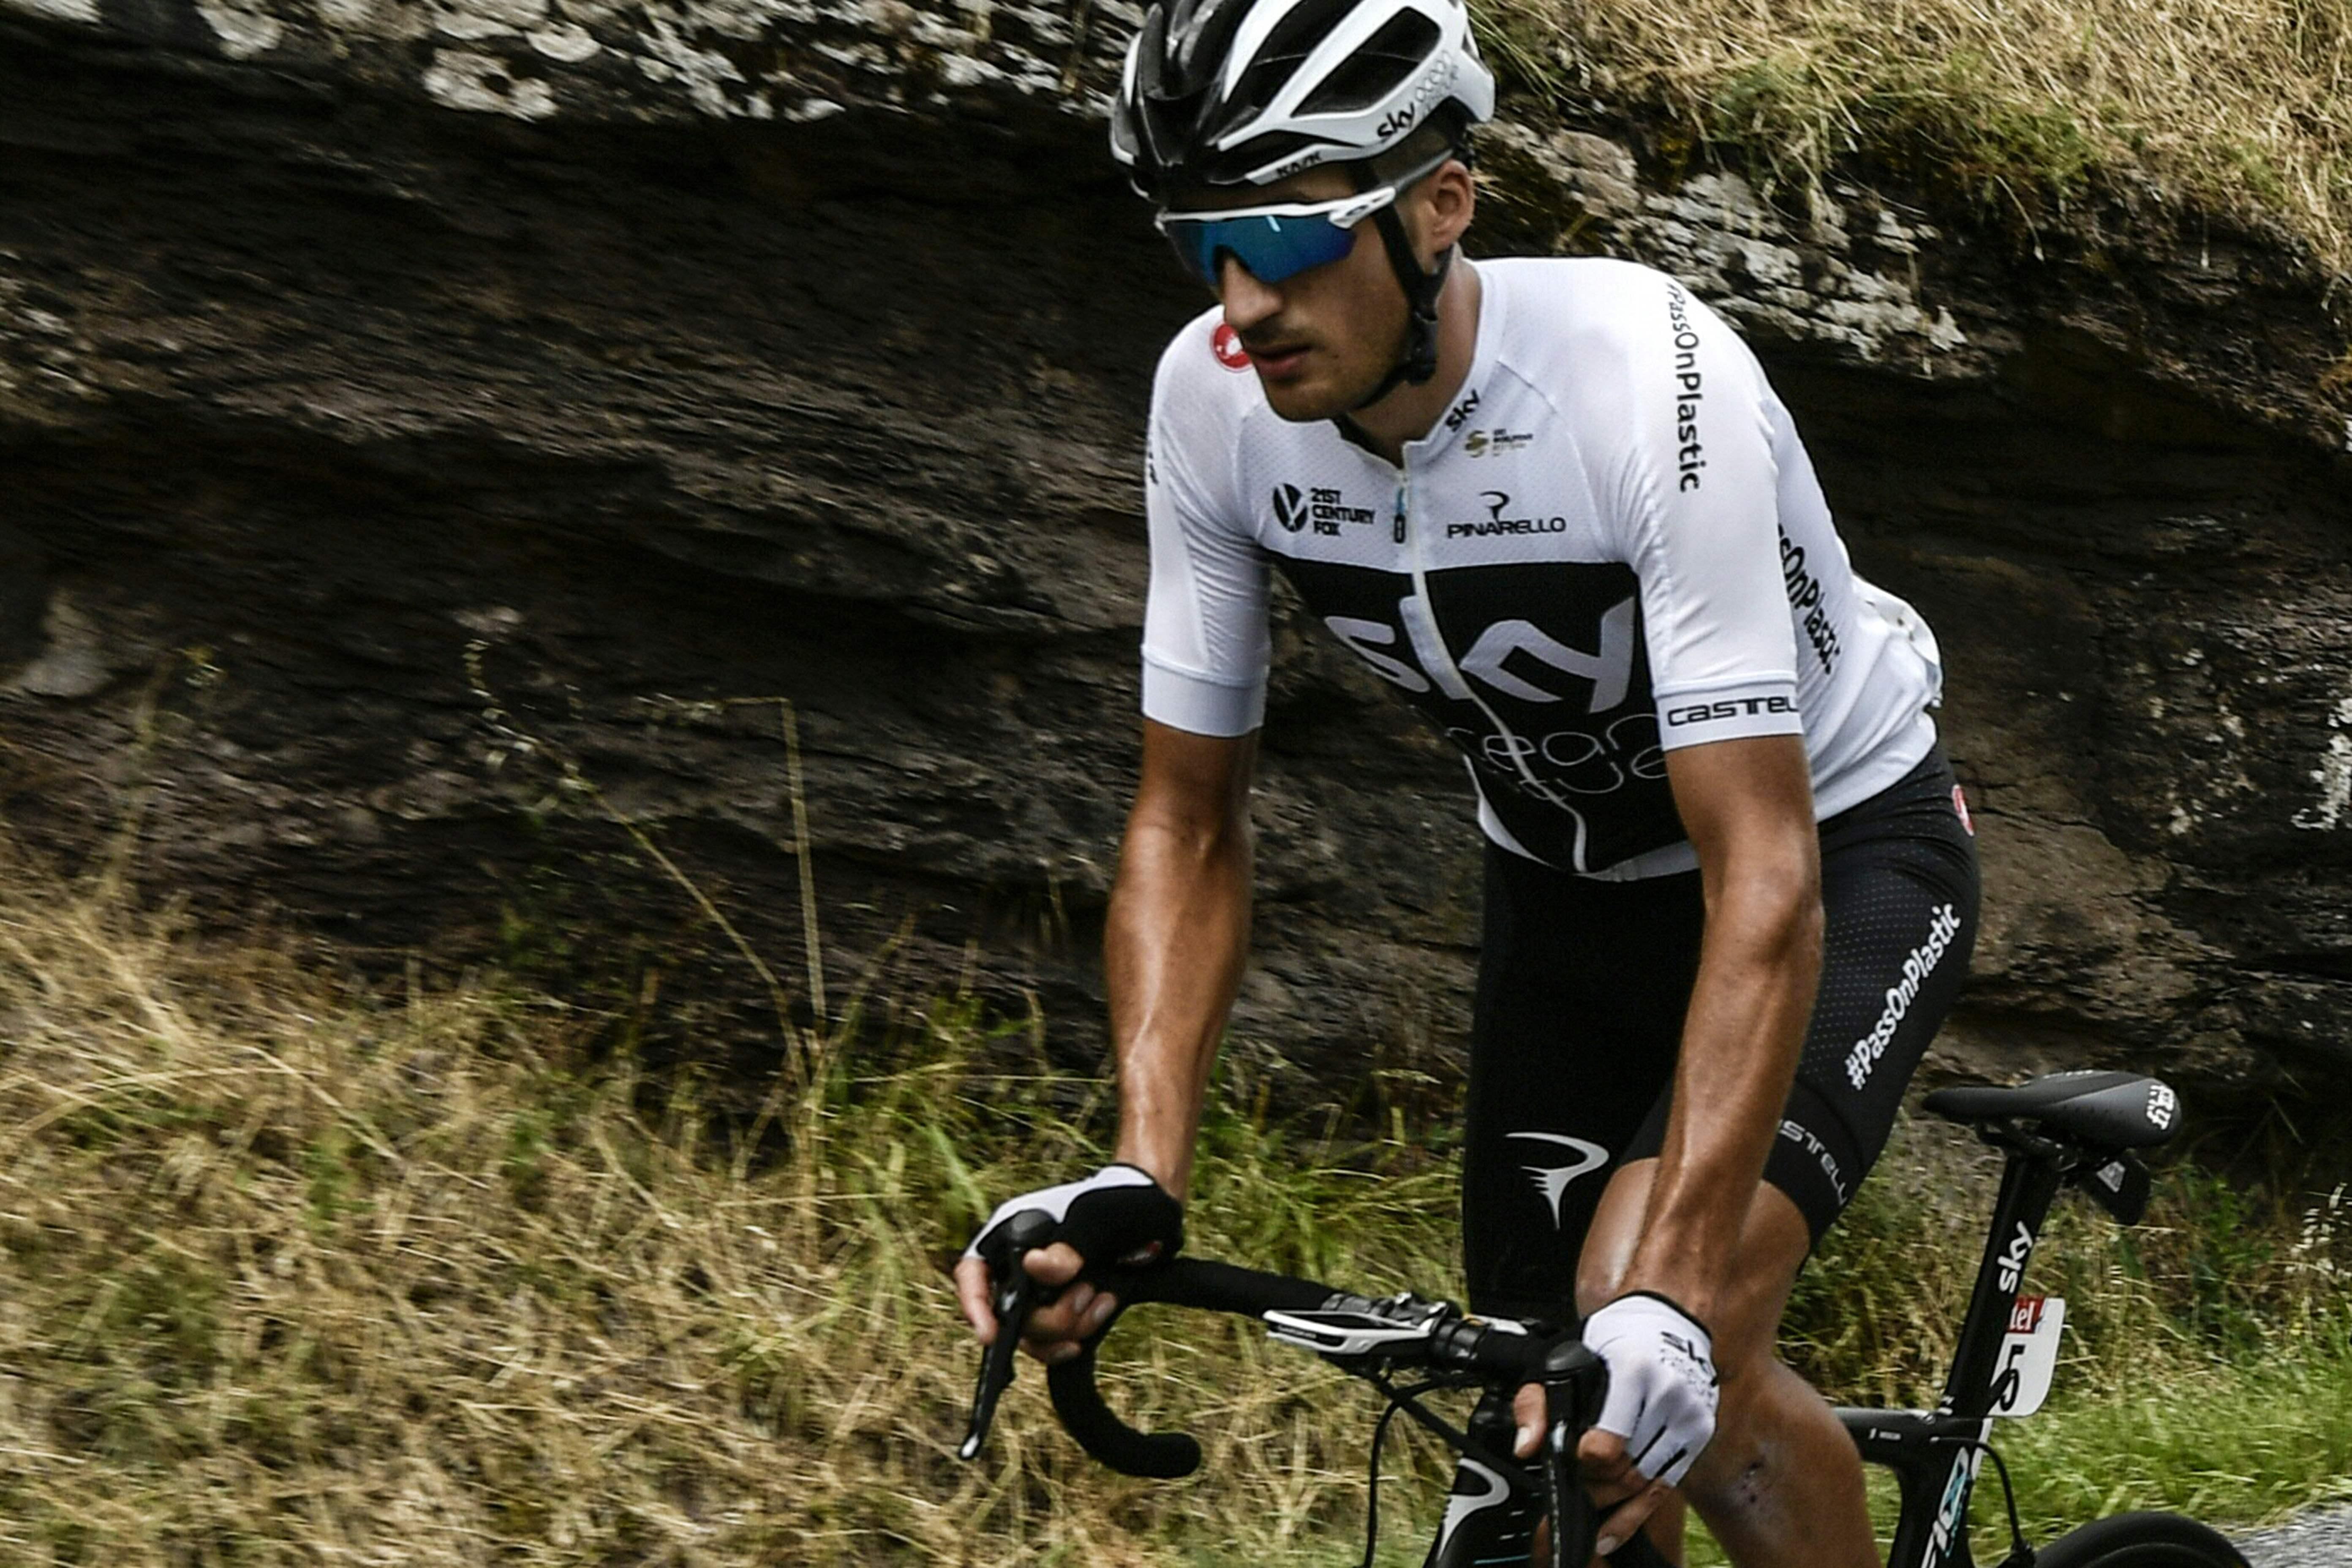 Cyclisme -  Tour de France - Moscon le boxeur exclu du Tour, Sky perd un élément